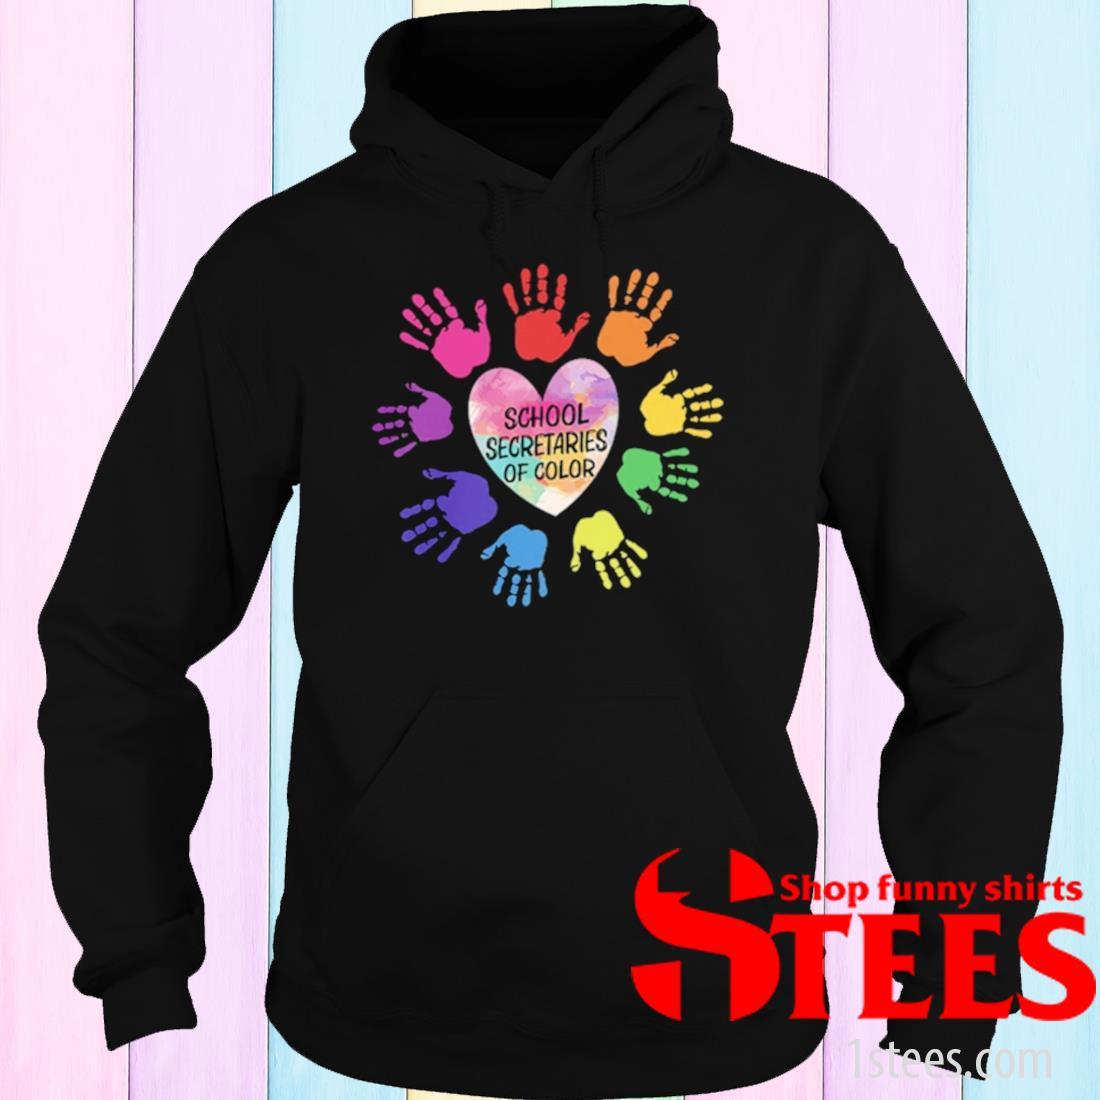 School Secretaries Of Color Shirt hoodie